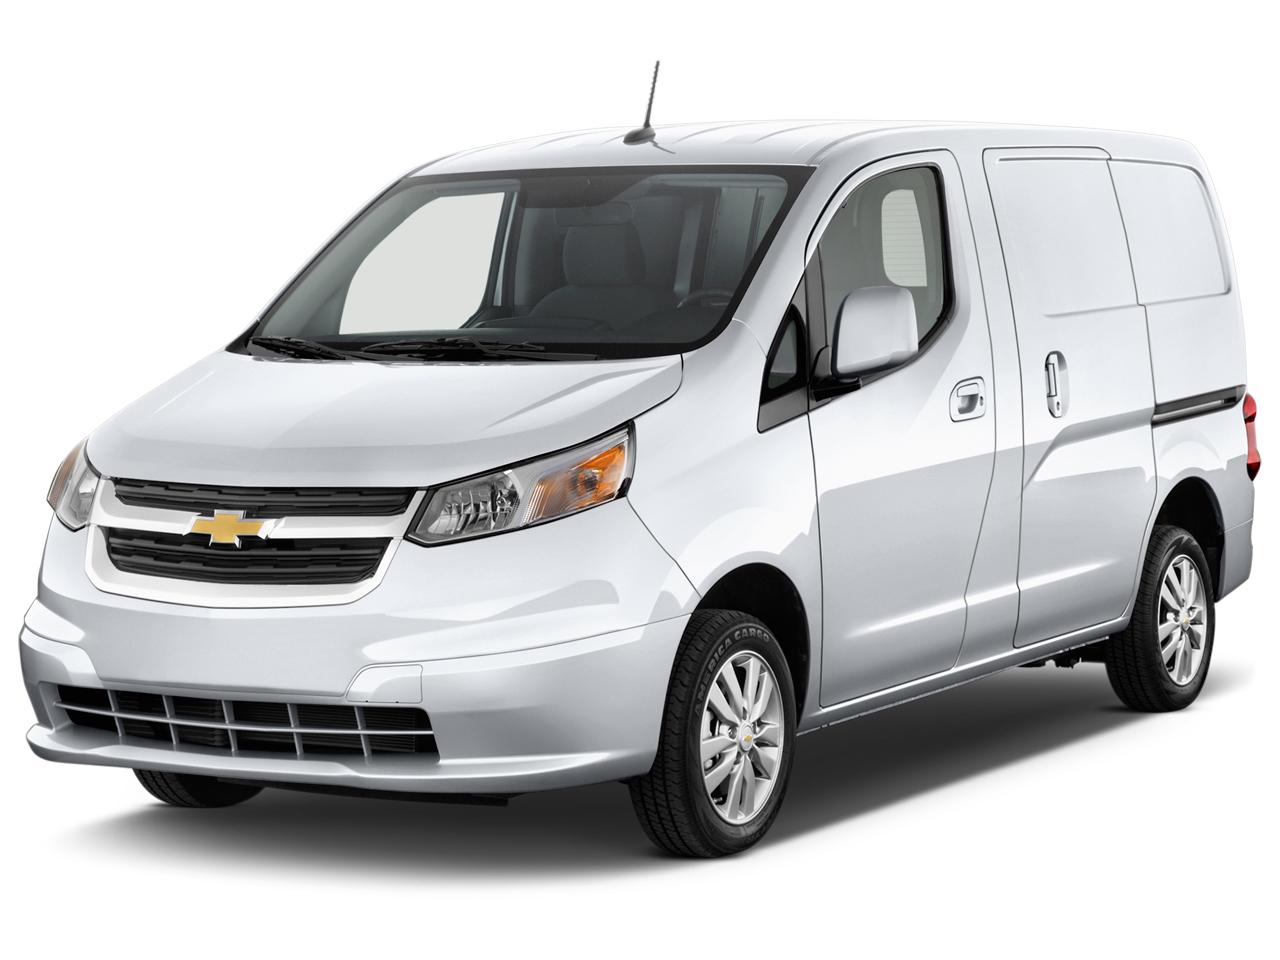 2ce471e8400b63 2017 Chevrolet City Express Cargo Van (Chevy) Review